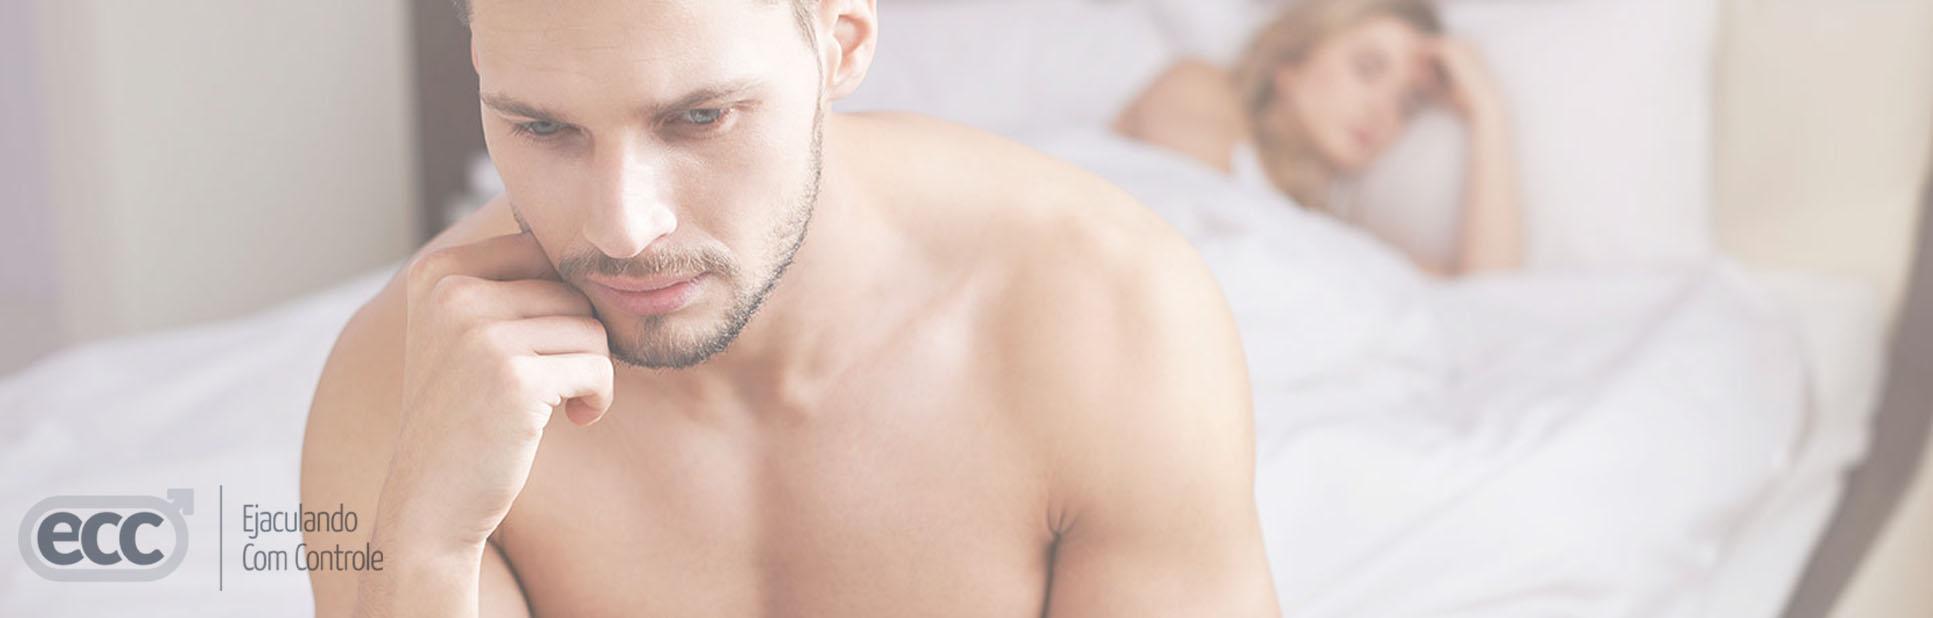 método para curar ejaculação precoce